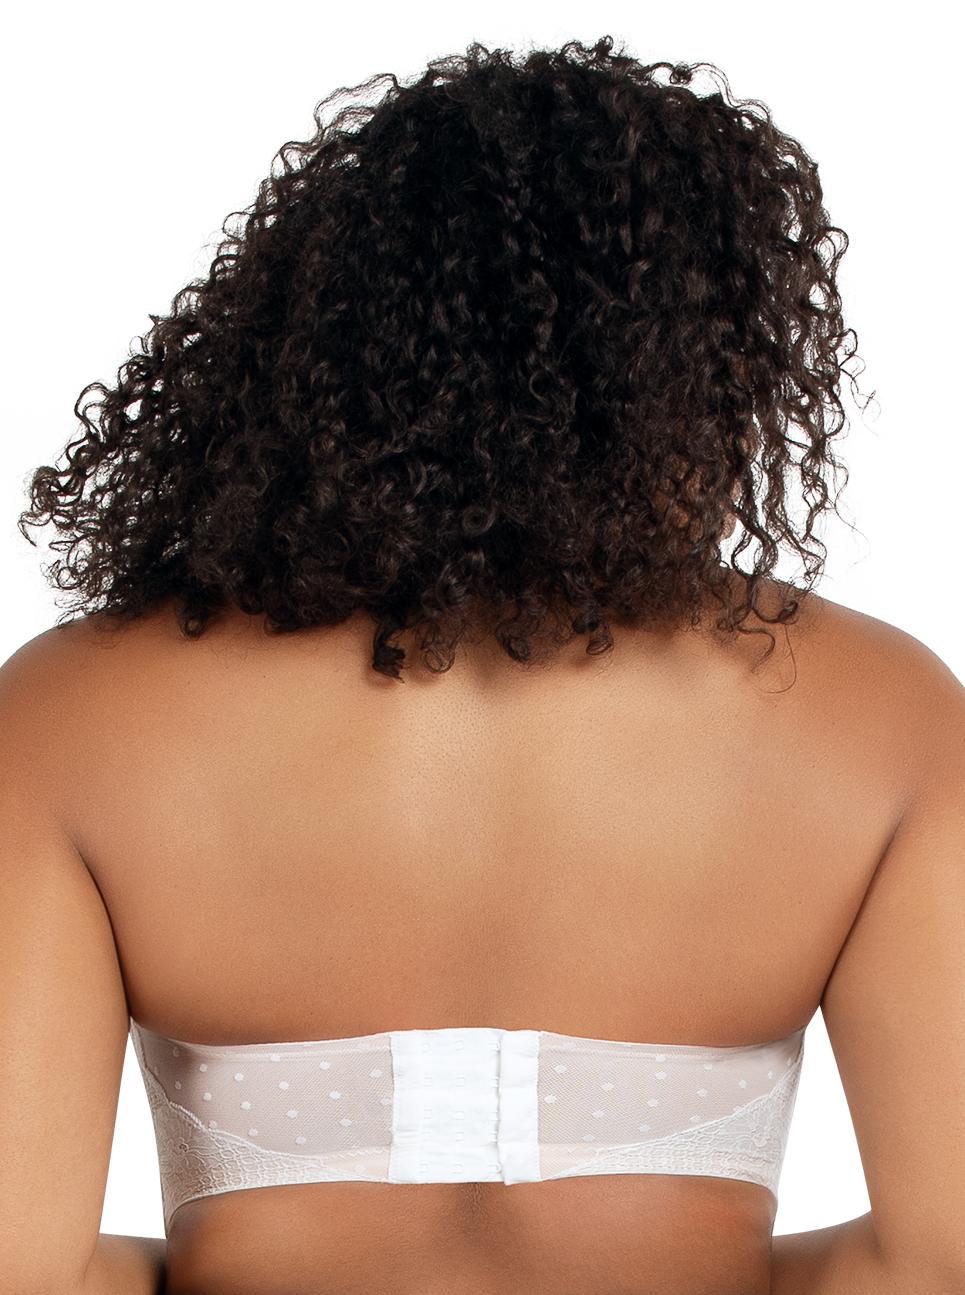 PARFAIT Amber StraplessBraA16812 PearlWhite Back - Amber Strapless Bra Pearl White A16812